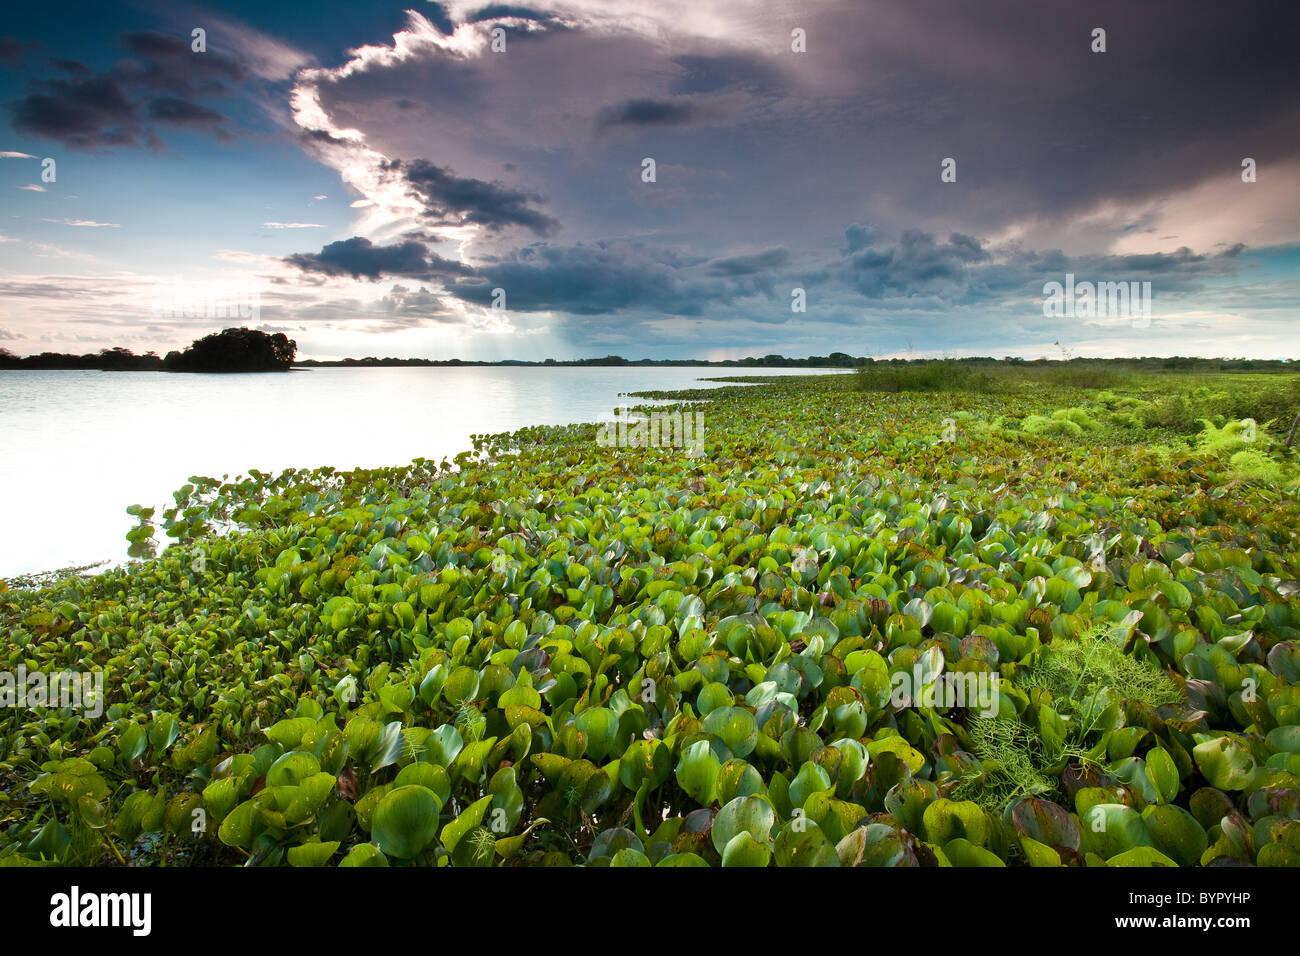 A Lago di Refugio de vida Silvestre Cienaga de las Macanas Riserva, in Herrera provincia, Repubblica di Panama. Immagini Stock